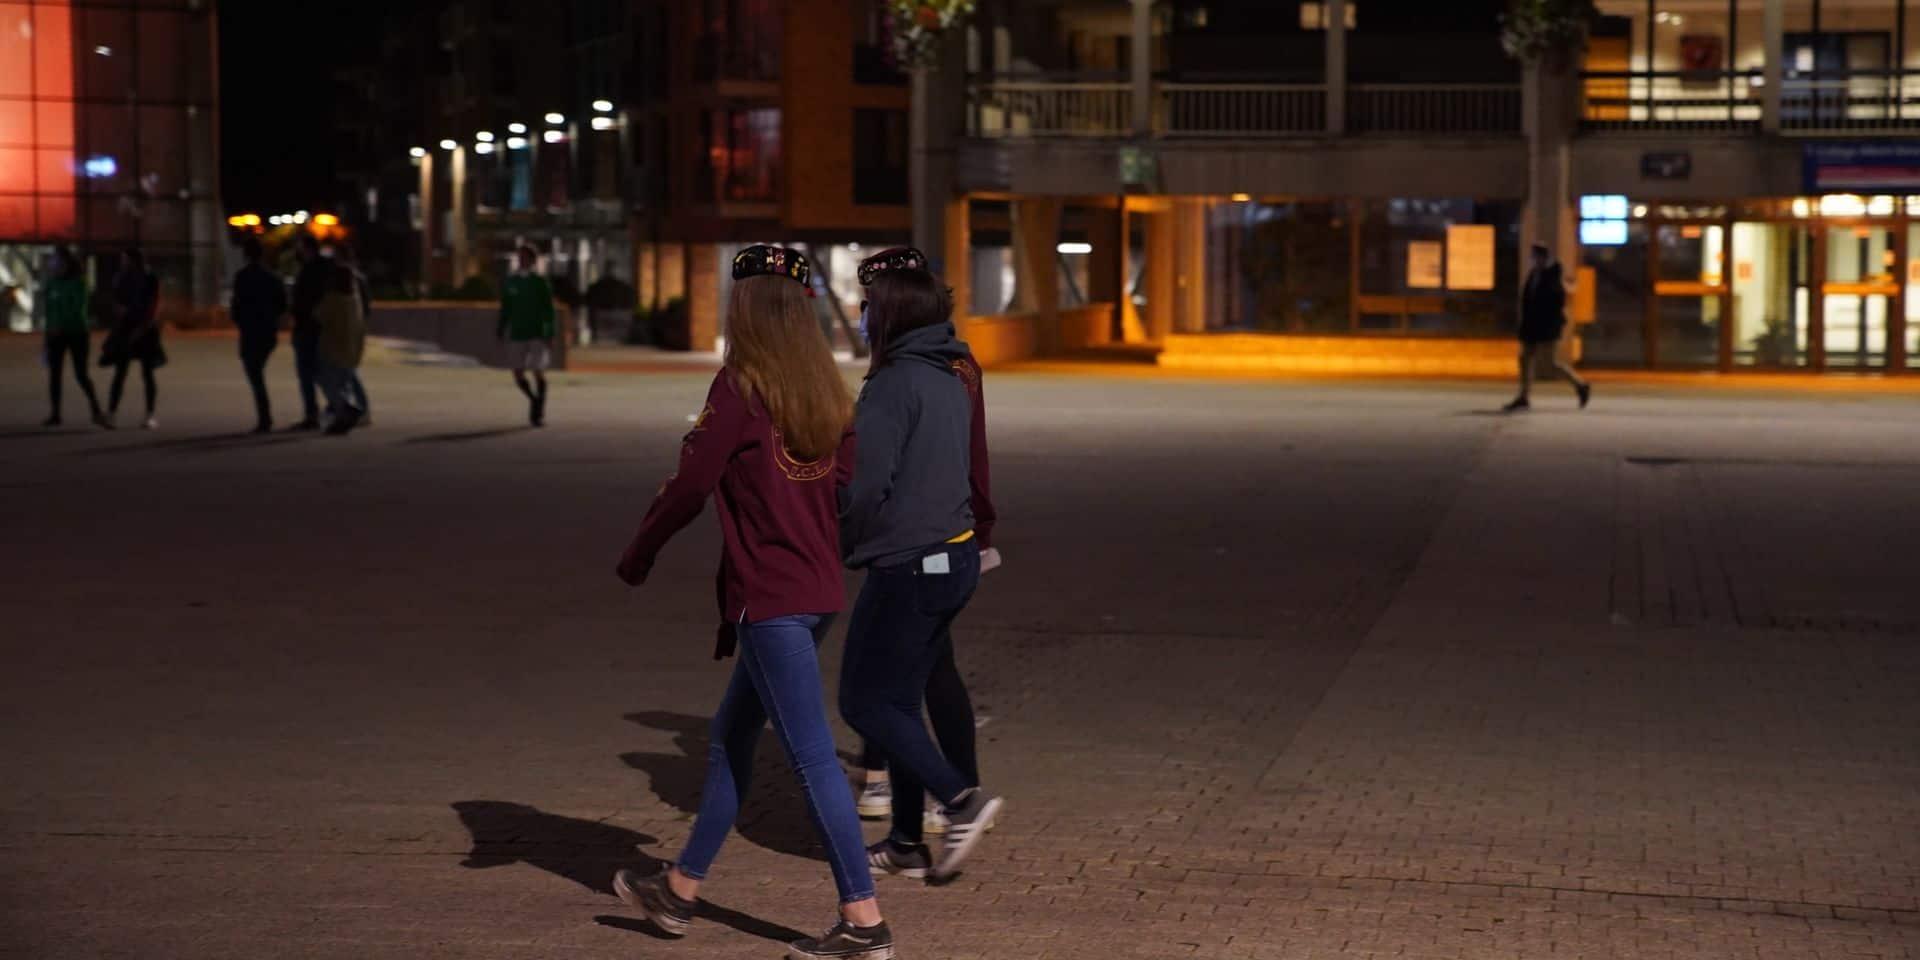 Couvre-feu à Louvain-la-Neuve: la police a empêché 5 rassemblements illégaux